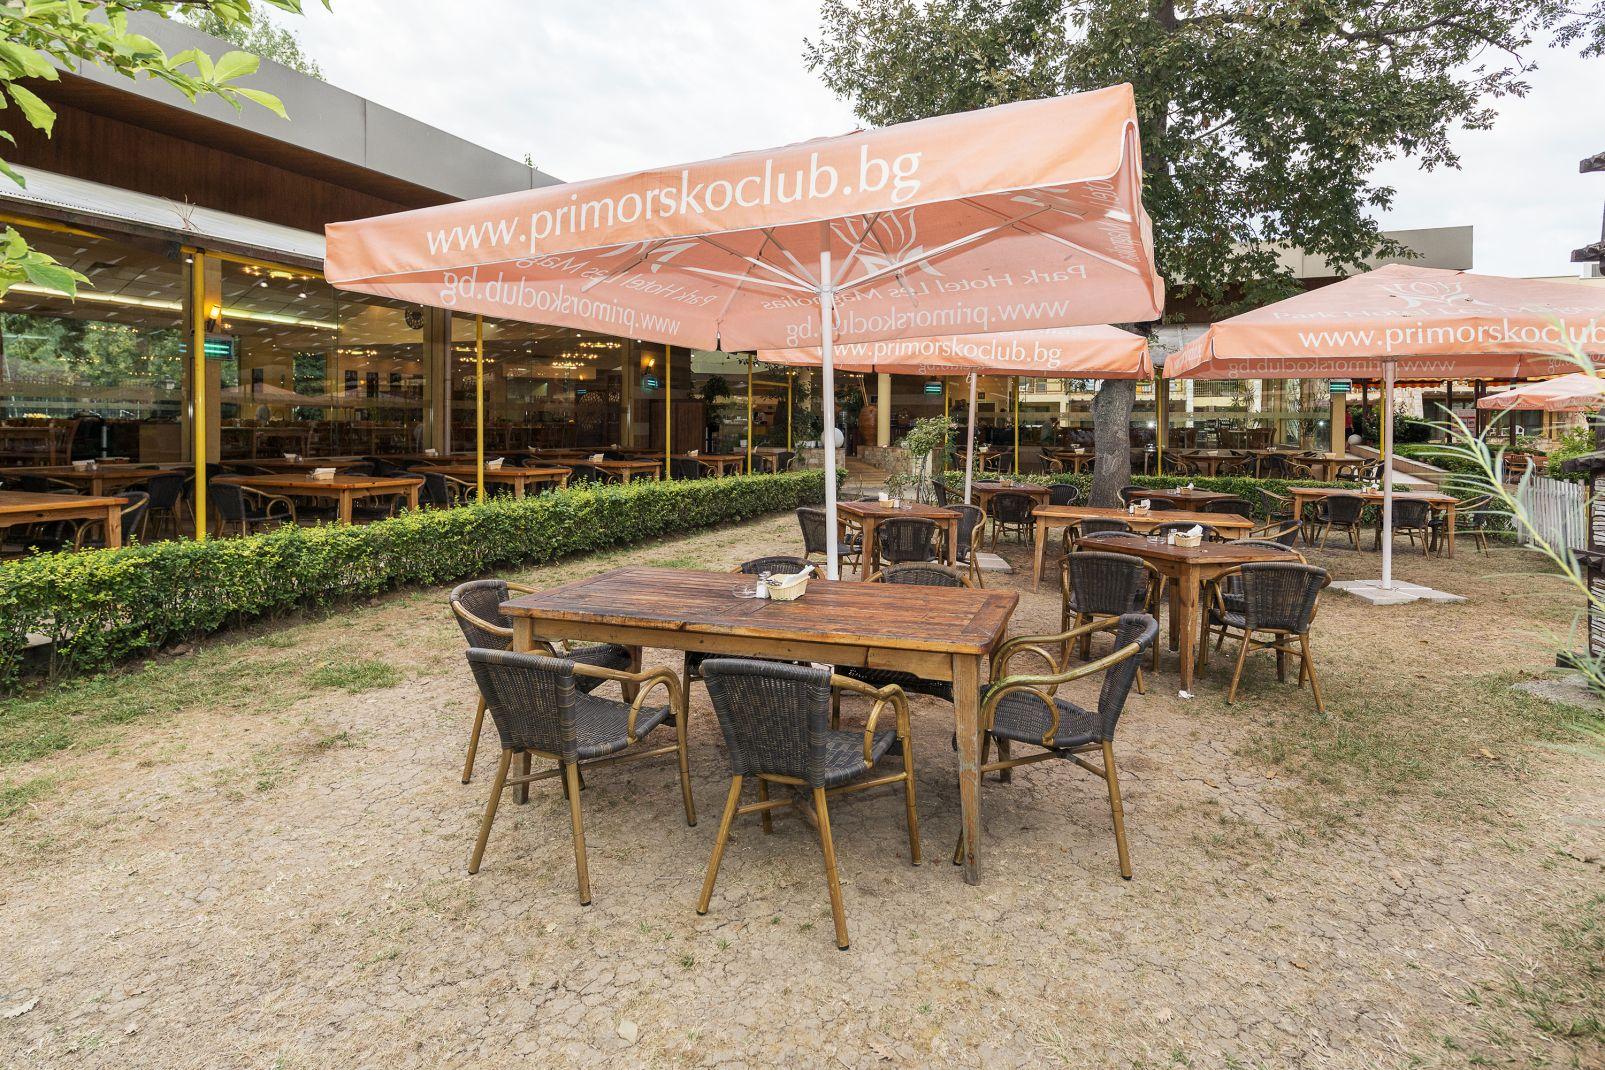 Table De Jardin Ronde Pas Cher Beau Club Lookéa Les Magnolias Of 23 Unique Table De Jardin Ronde Pas Cher